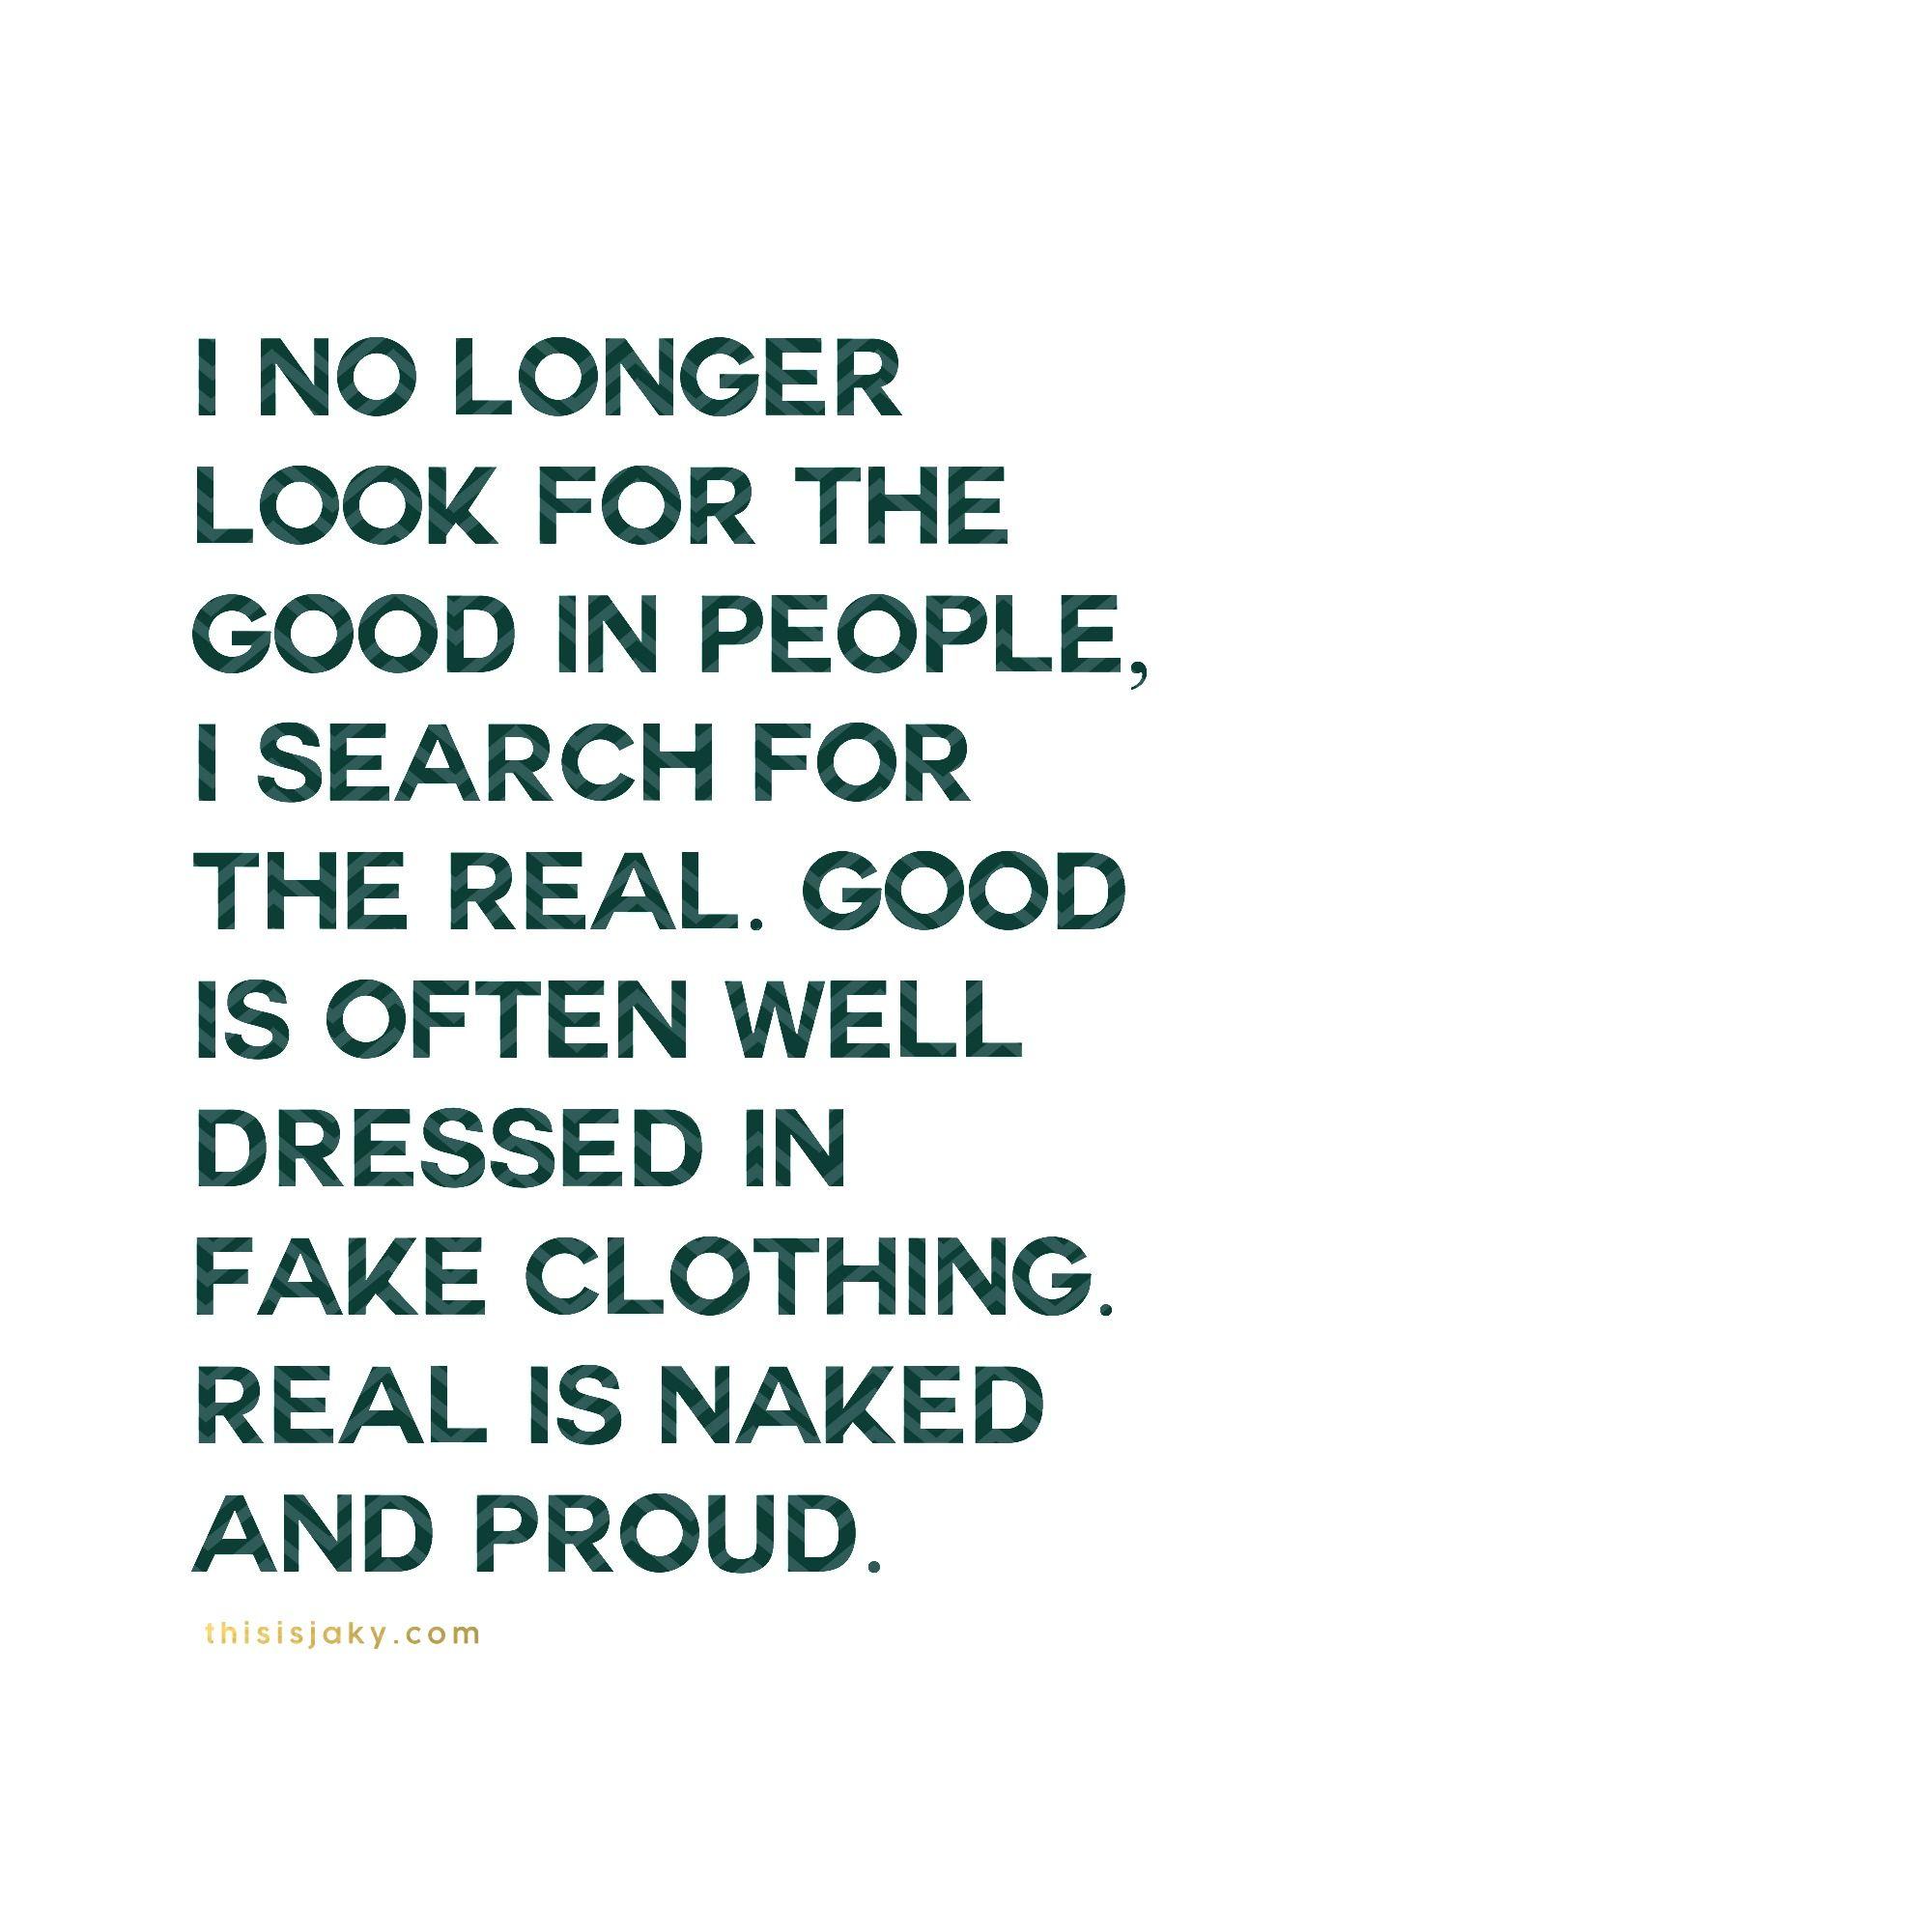 Real Good Quotes About Life Realquotesquote En Bättre Värld Och Utveckling  Pinterest